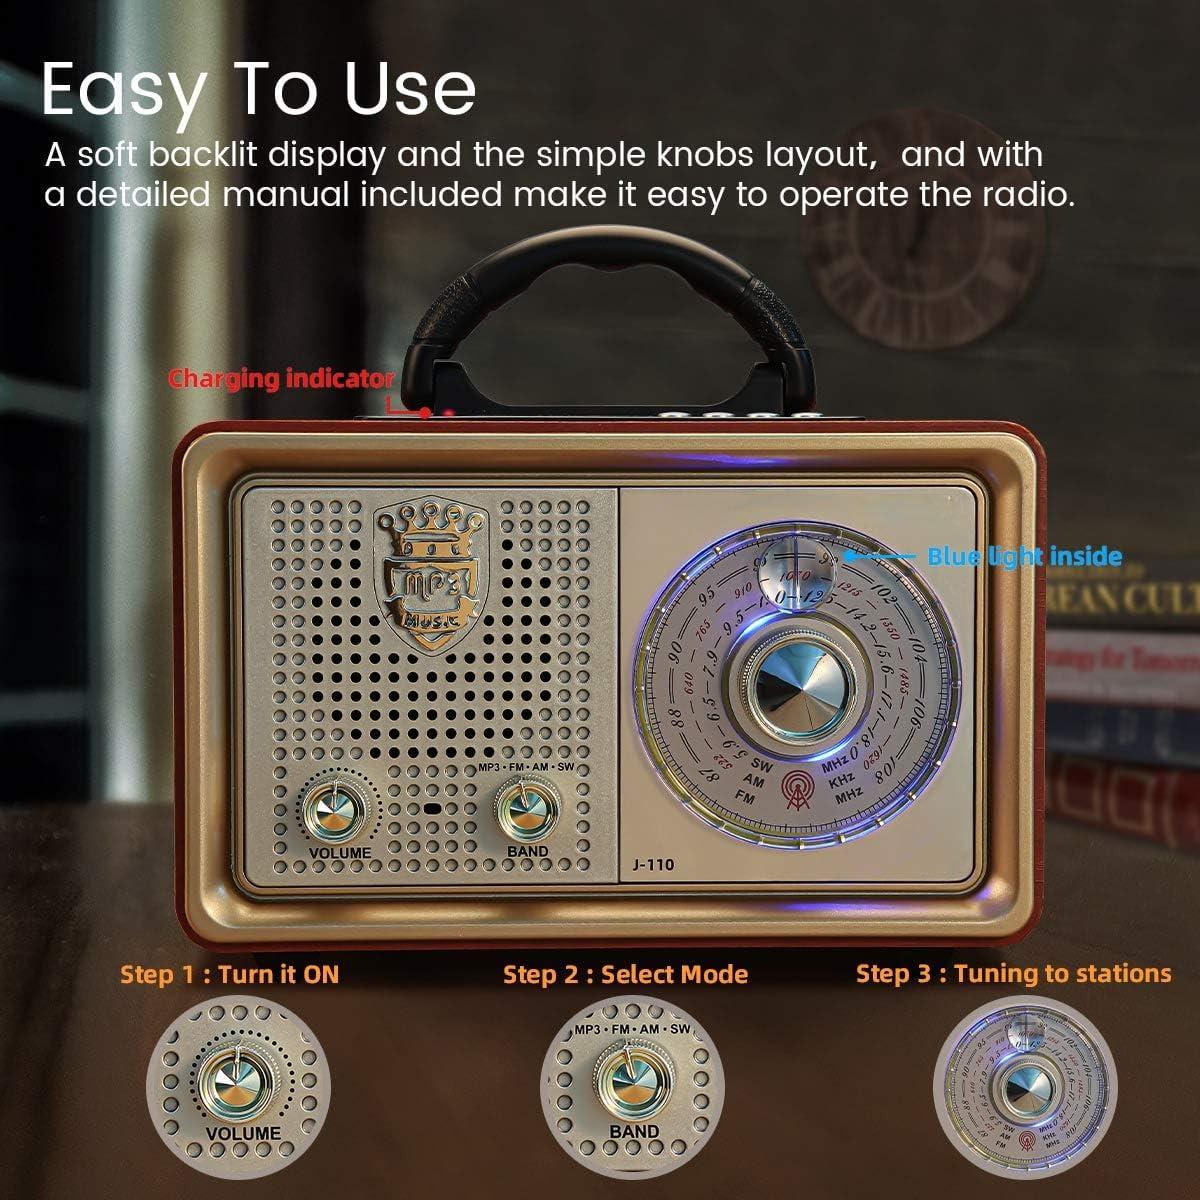 Tarjeta AUX TF Disco USB Reproductor De MP3 WYYZSS Radio Retro Bluetooth Am FM Radio Port/átil Radio CA De Sobremesa Radio De Sobremesa Vintage con Escala De Frecuencia Grande